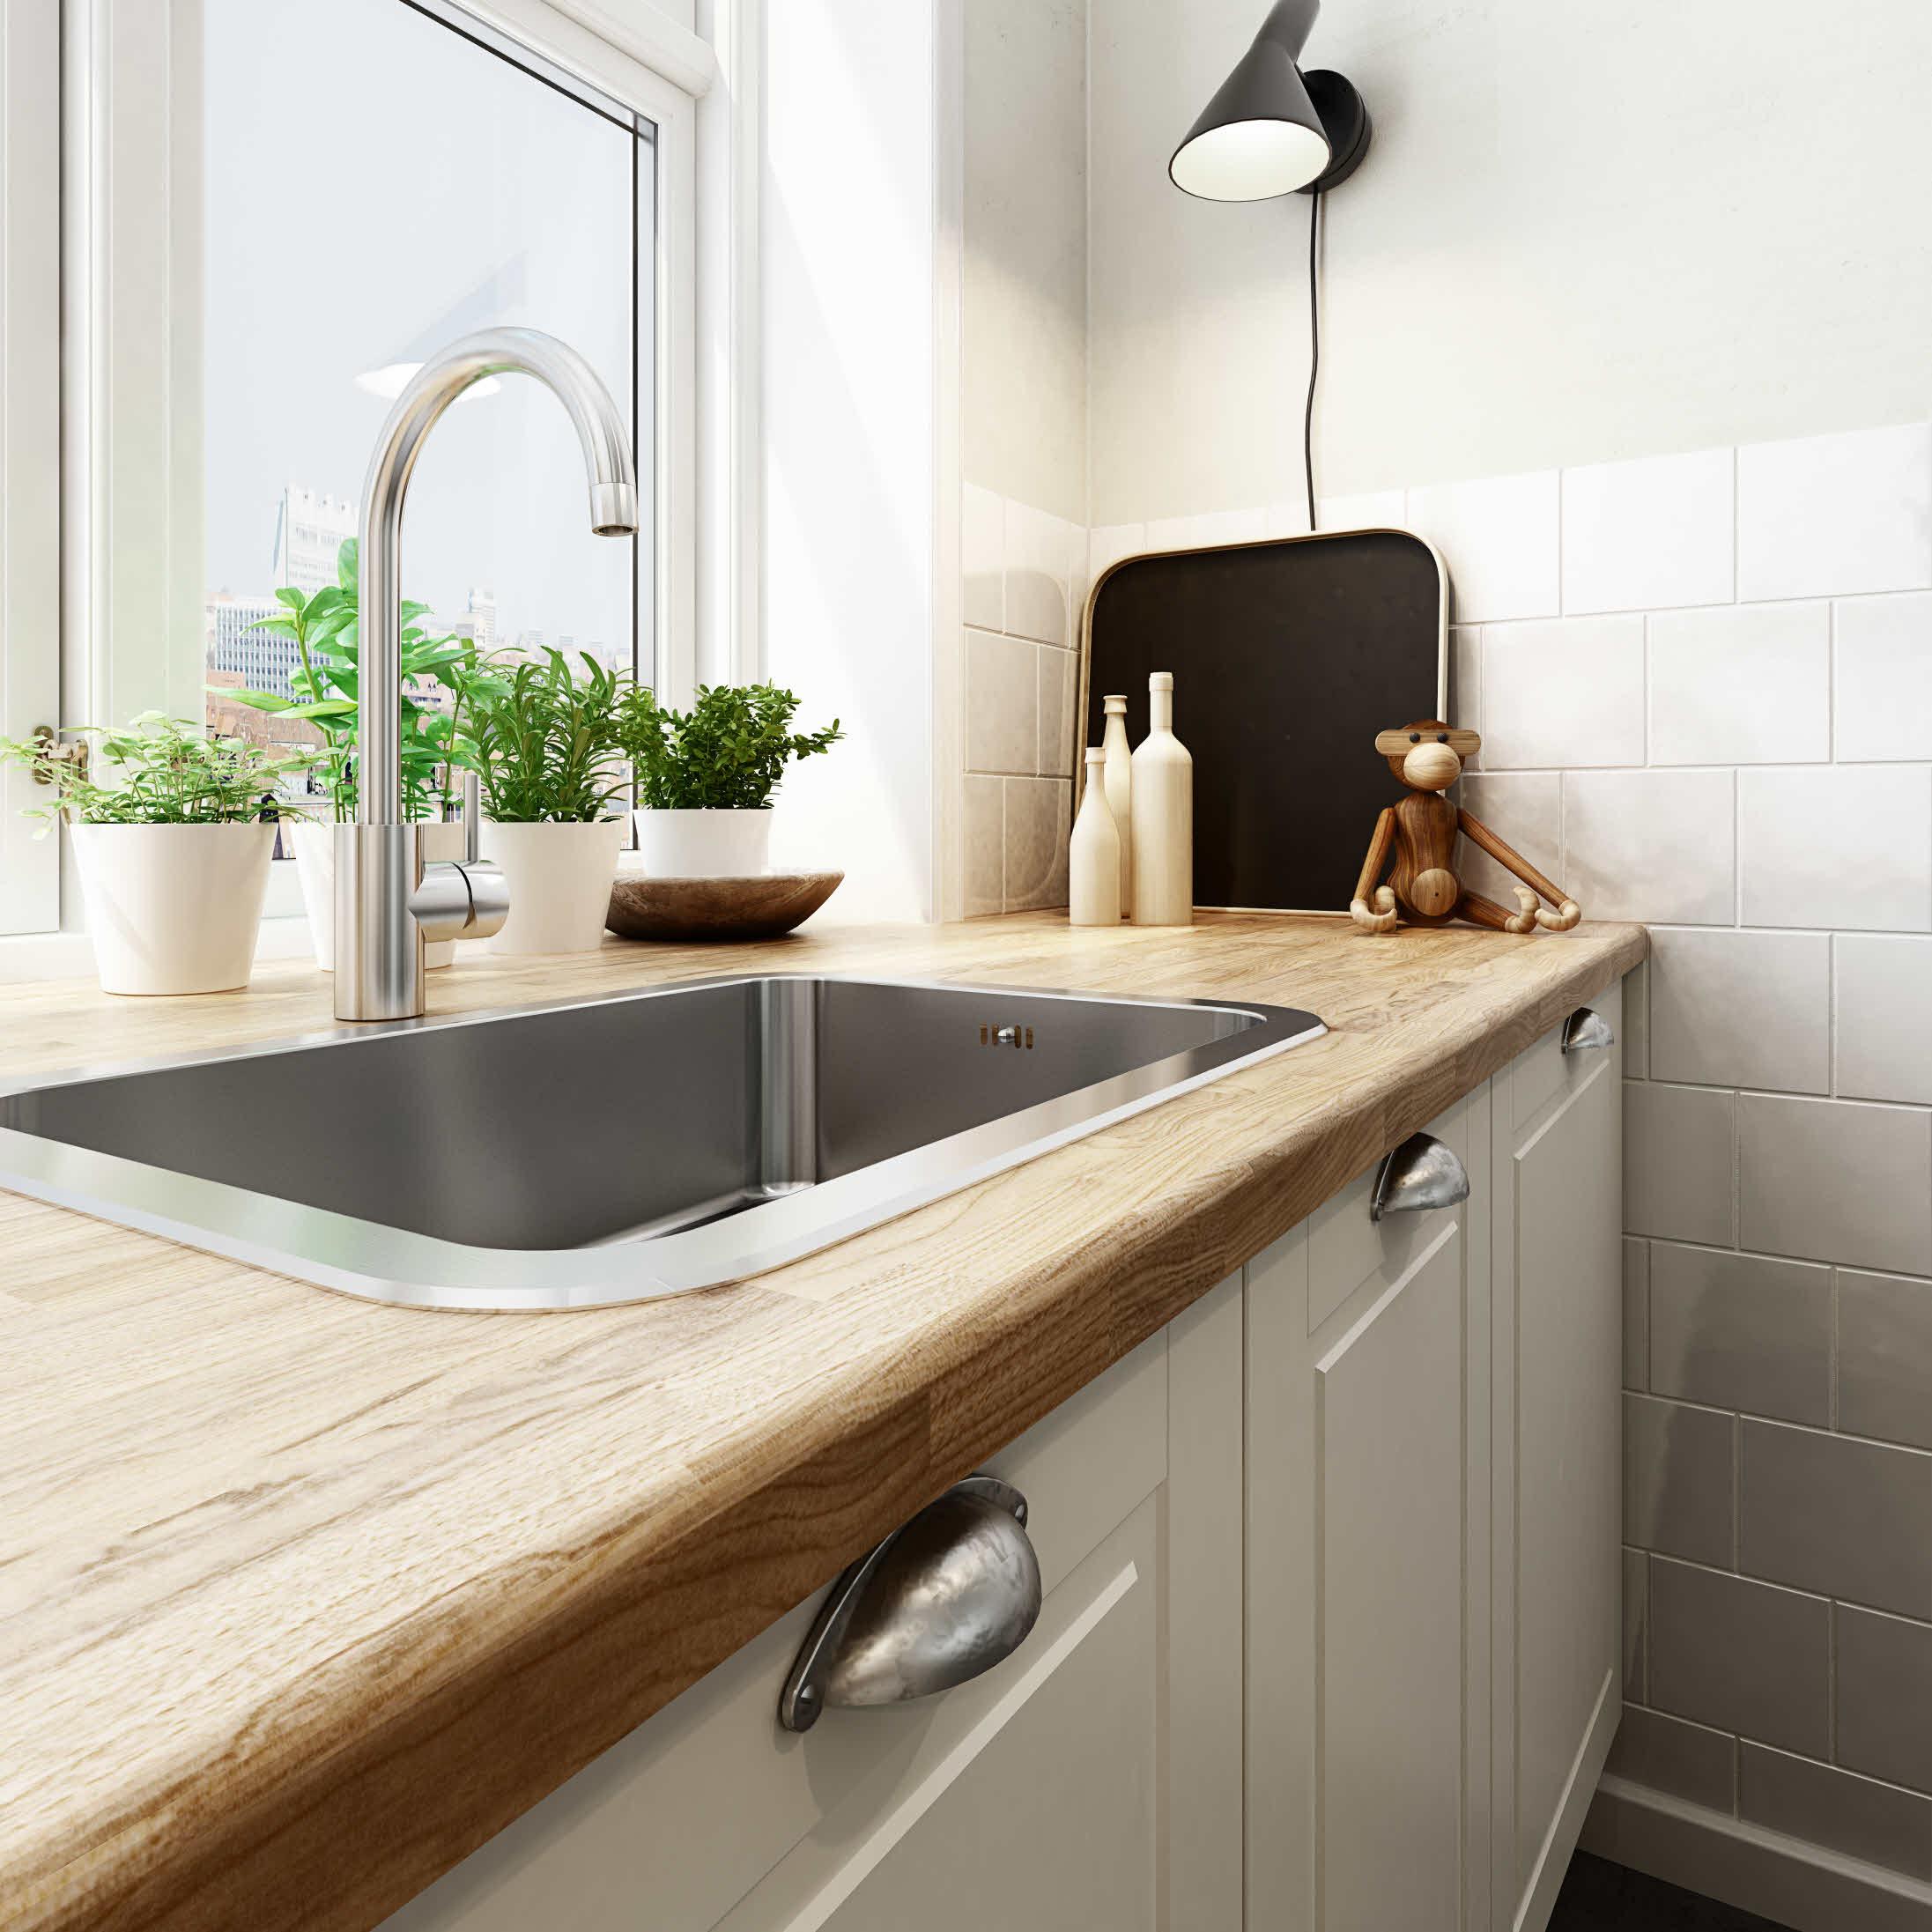 Pieni keittiö  Pienen keittiön sisustaminen  HTH